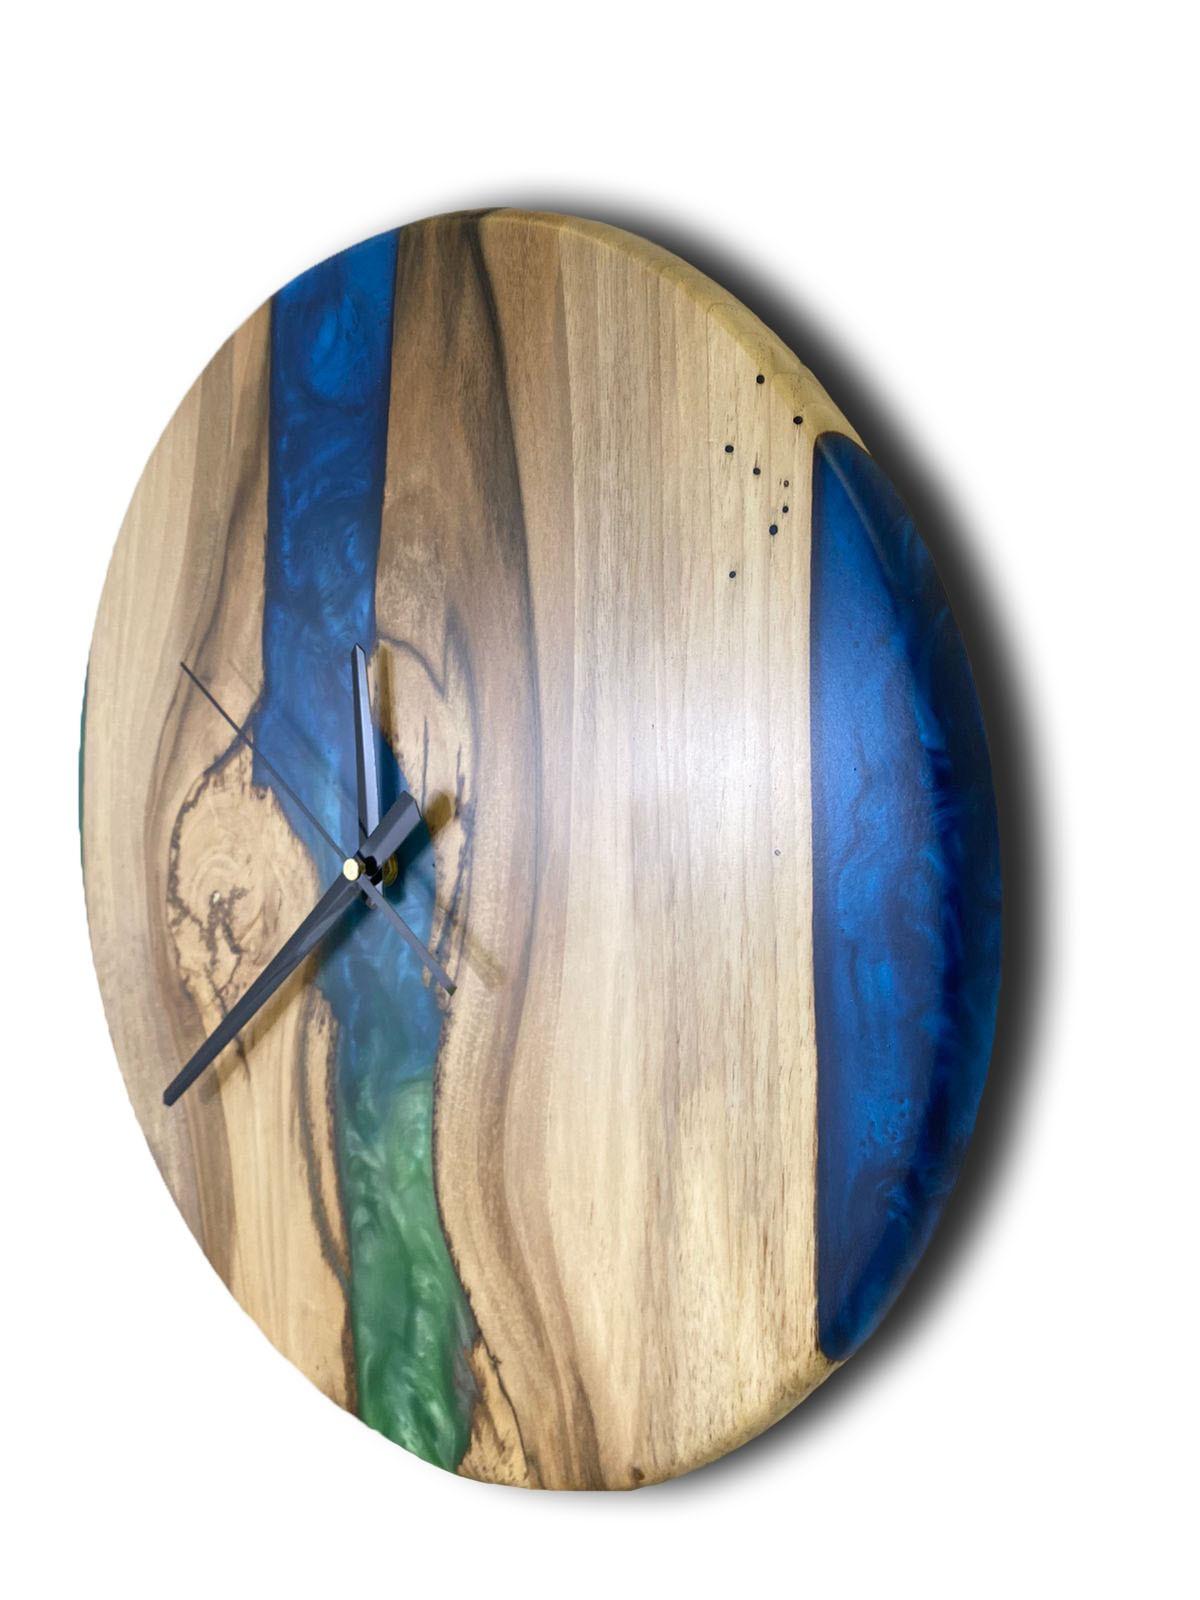 Obrazy z machu | dekorácie z machu | steny z machu | obrazy z machu